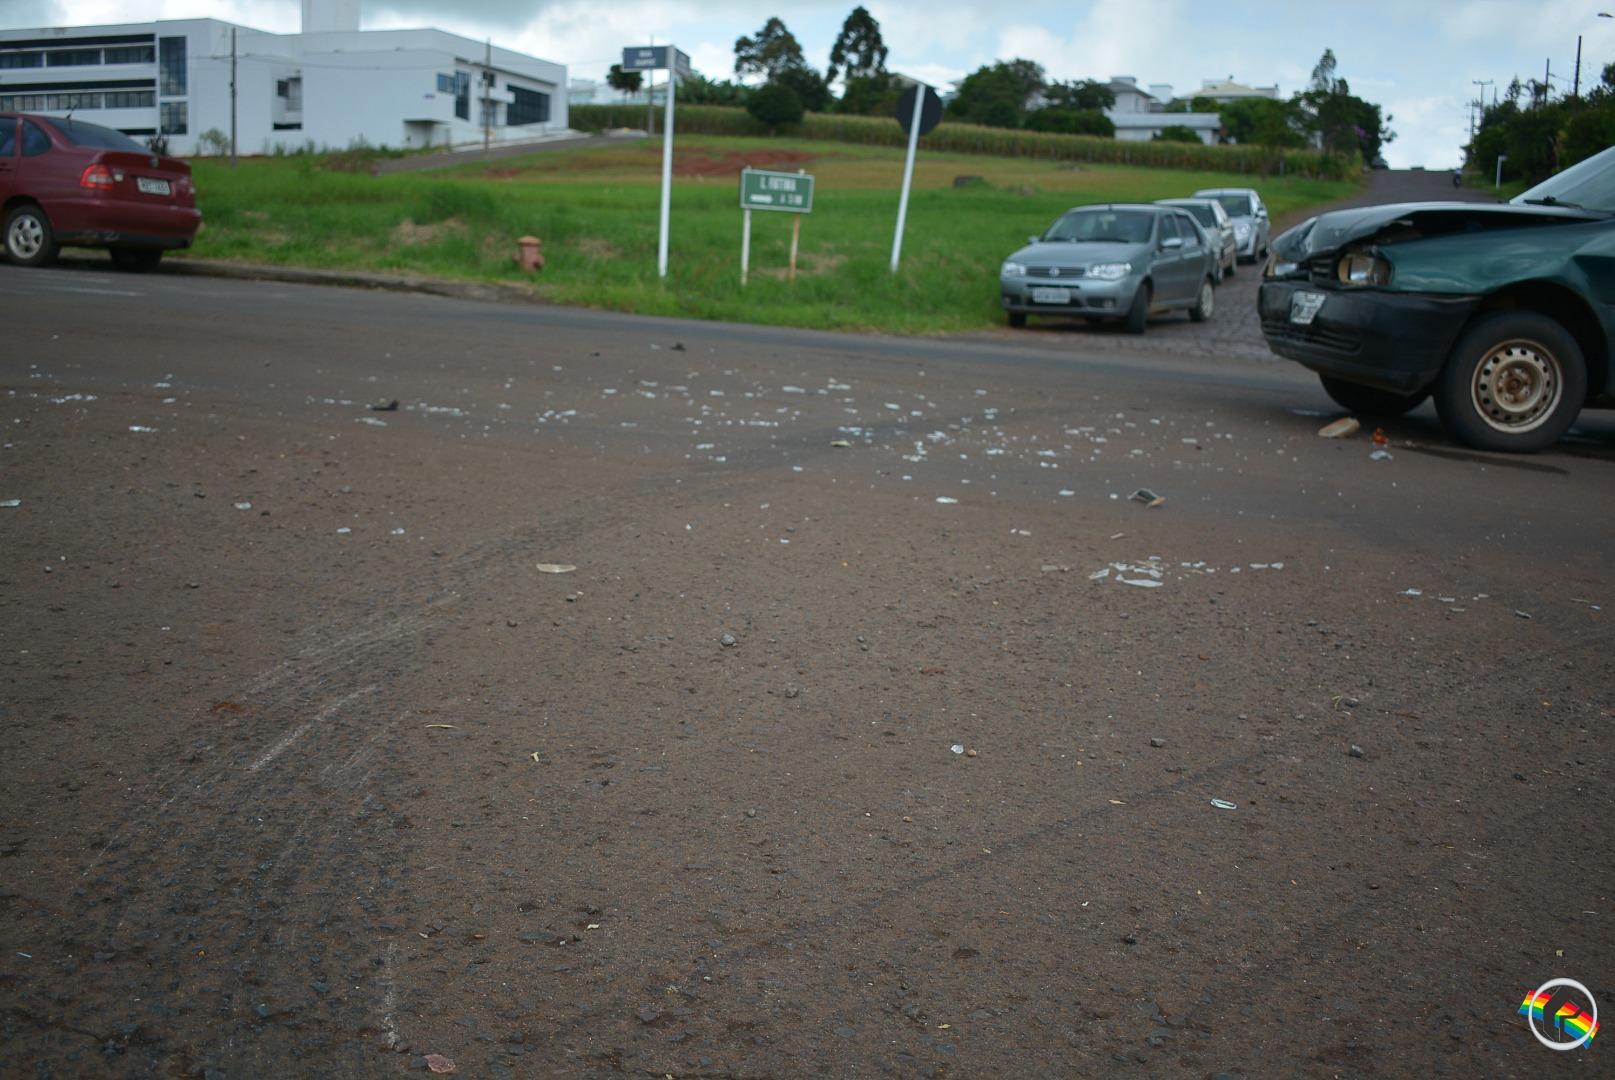 Colisão entre dois veículos é registrada em São Miguel do Oeste